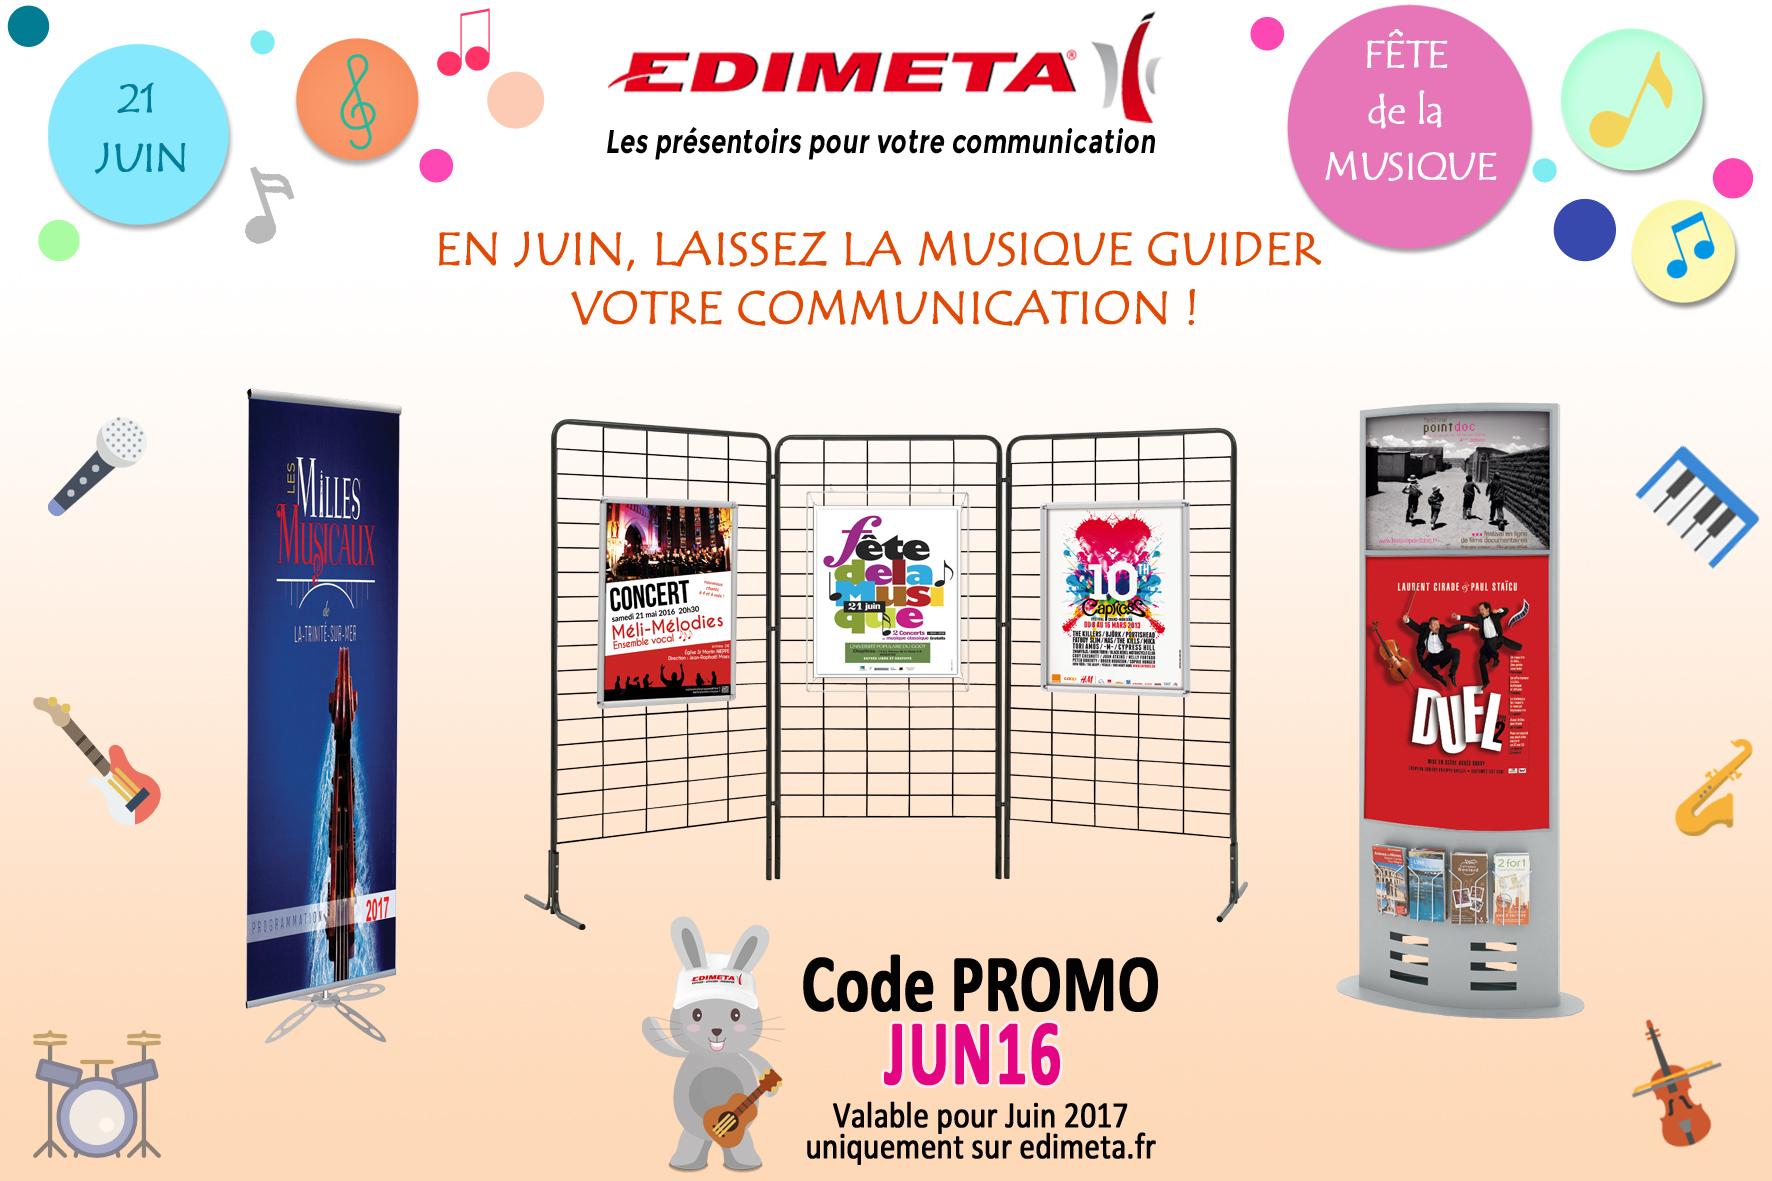 EDIMETA - Code promo pour Juin 2017